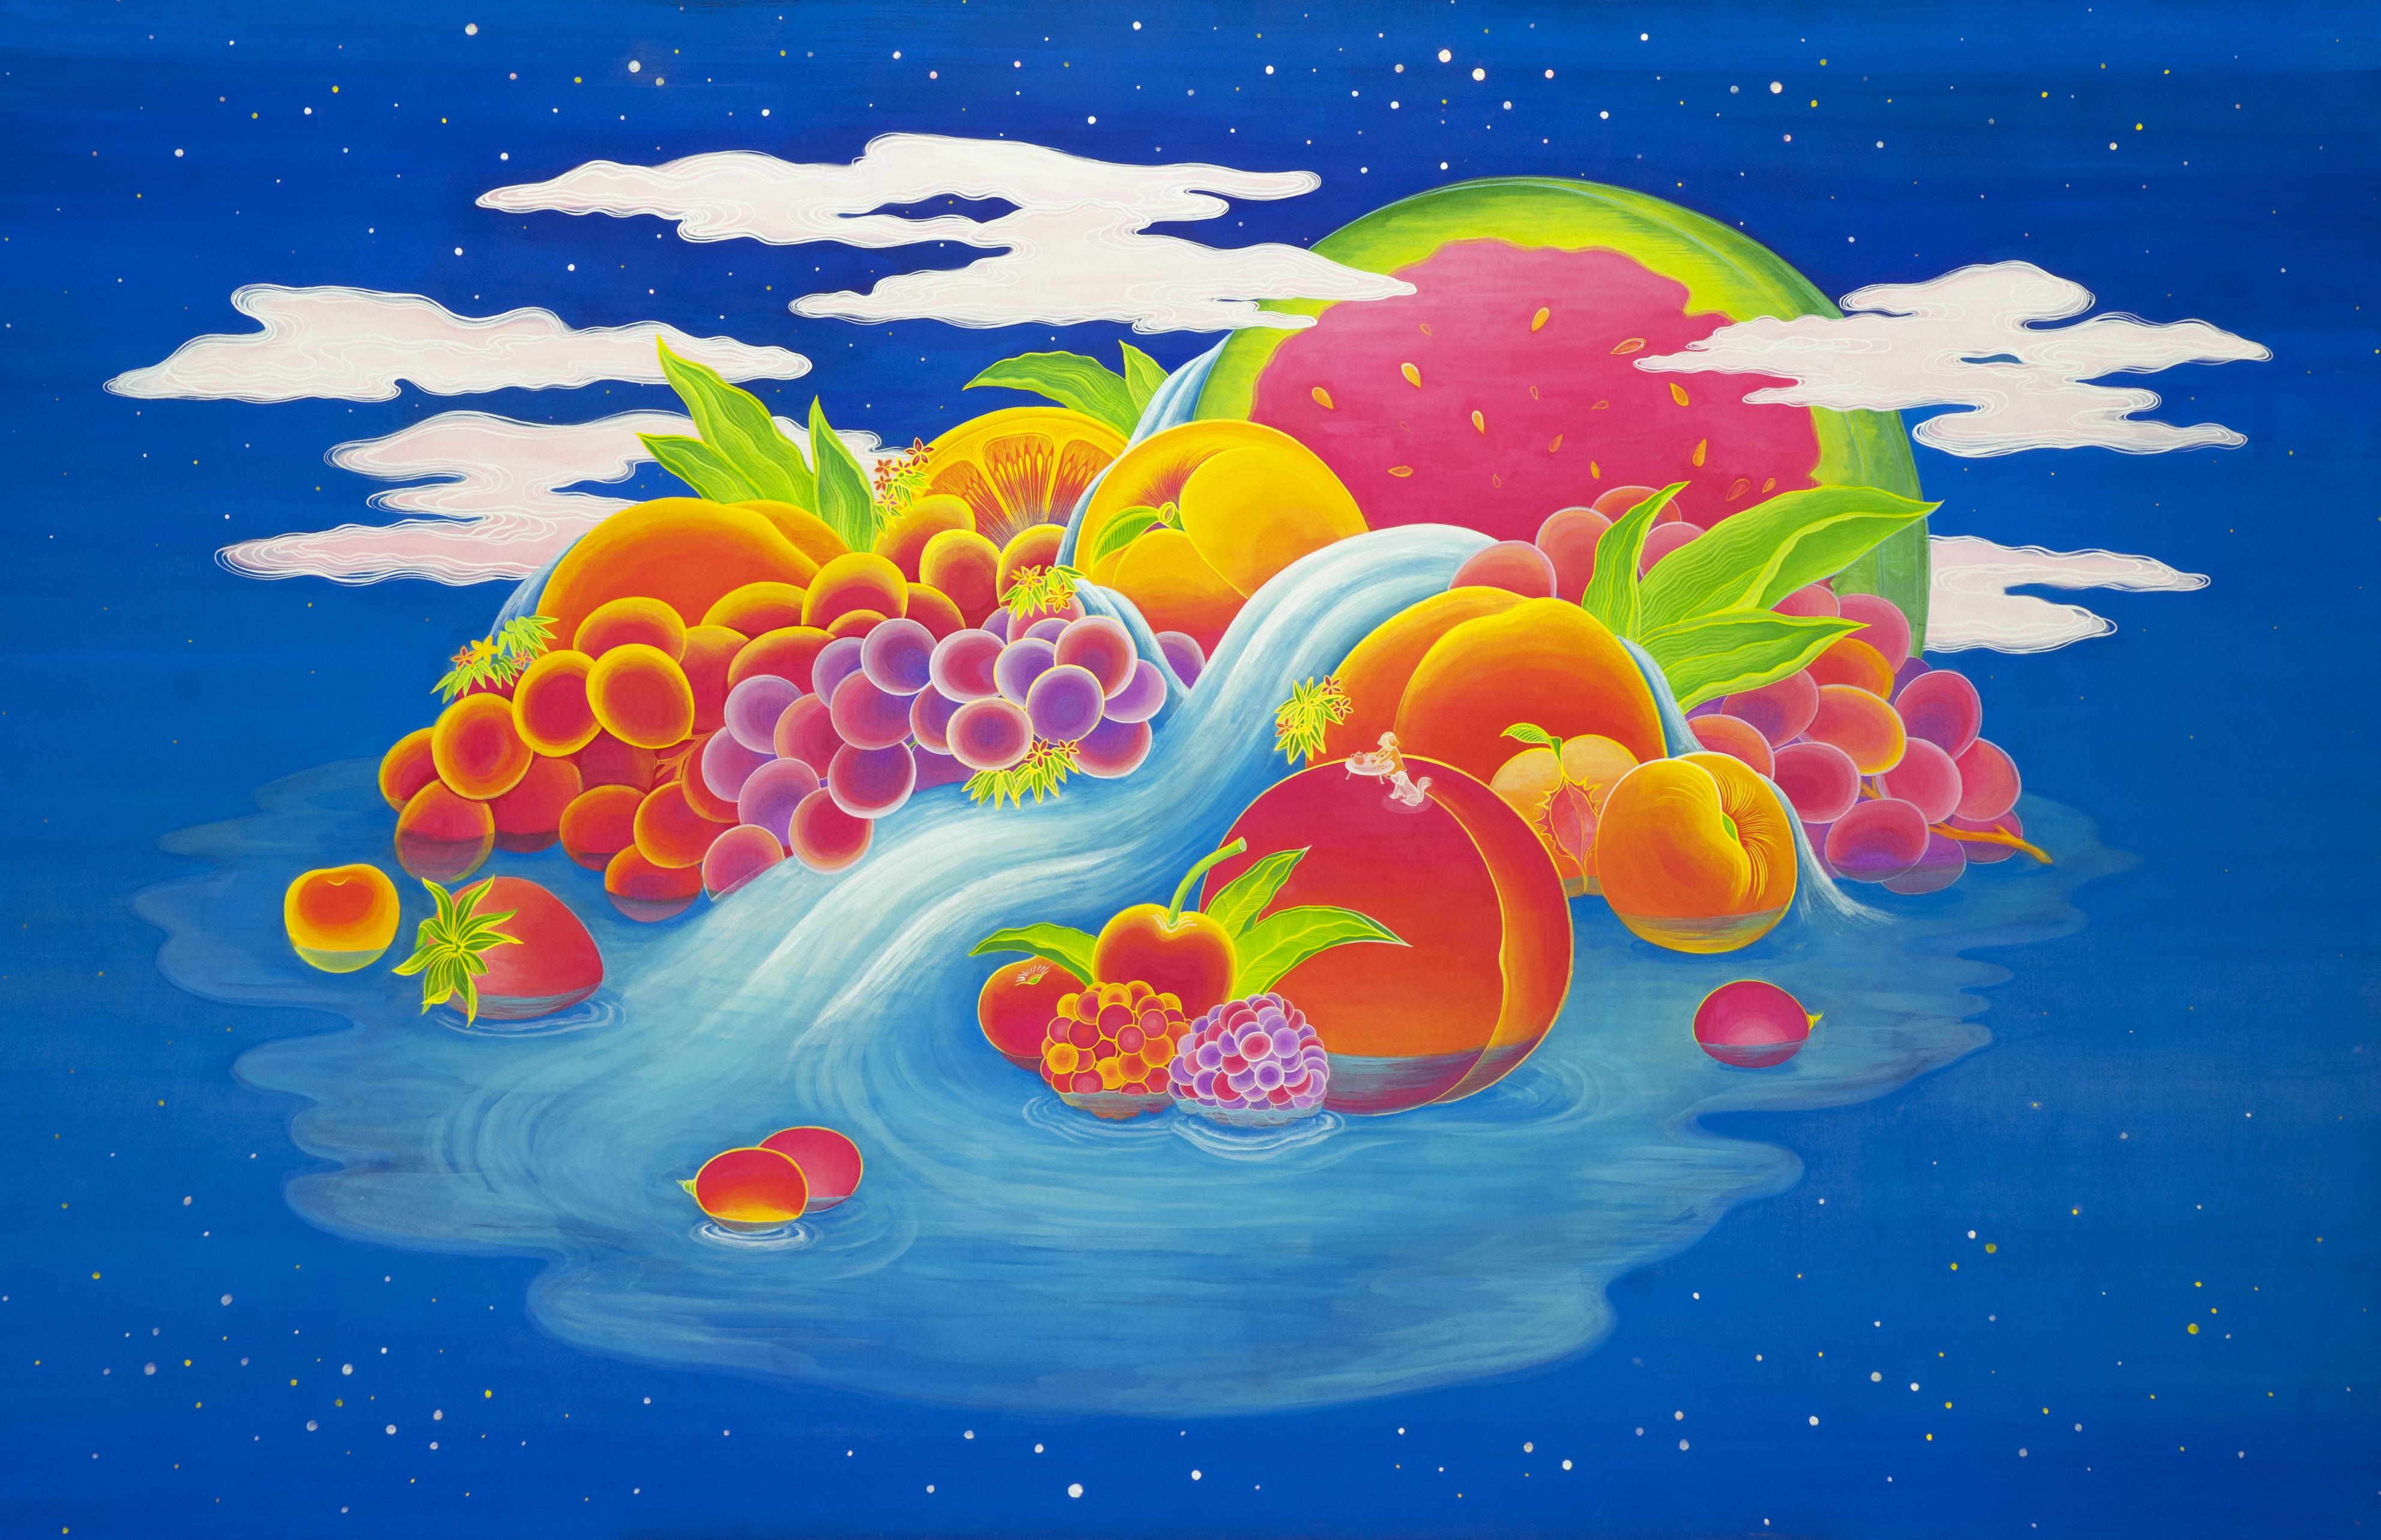 [작품5]Friuits_Paradise,_100×155cm,_Korean_traditional_painting_with_Nacre(mother-